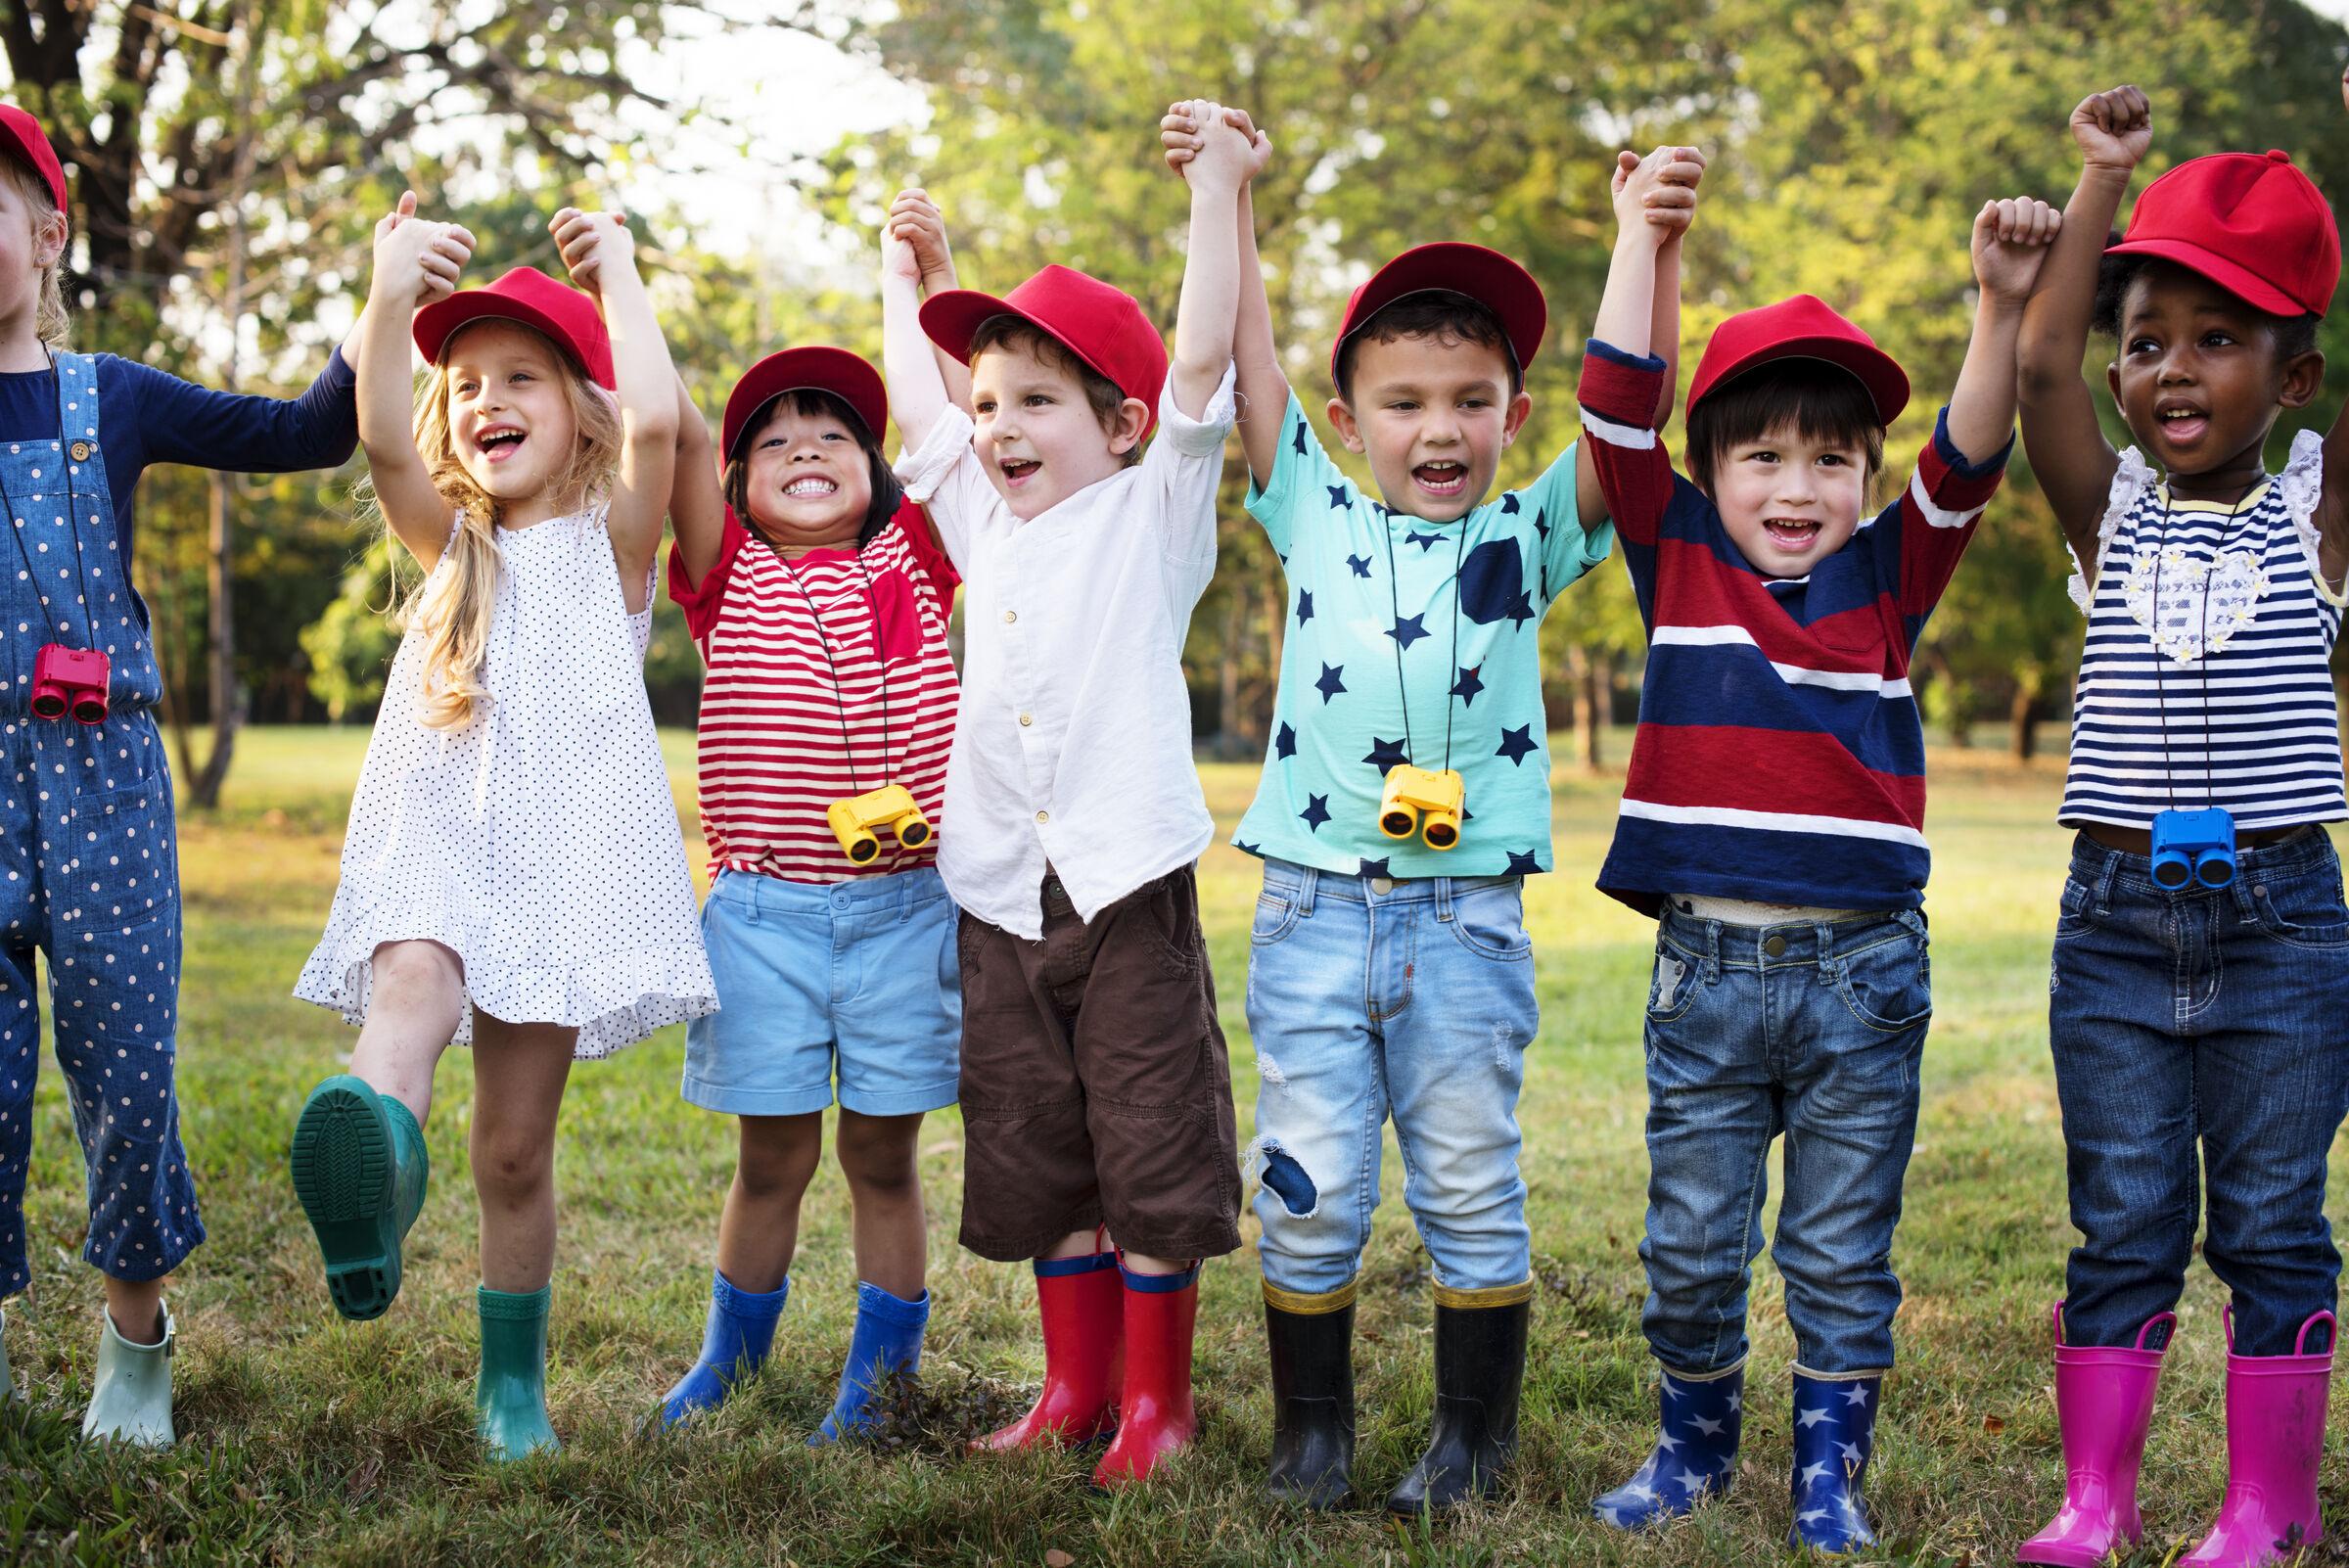 Grupo de crianças brincando